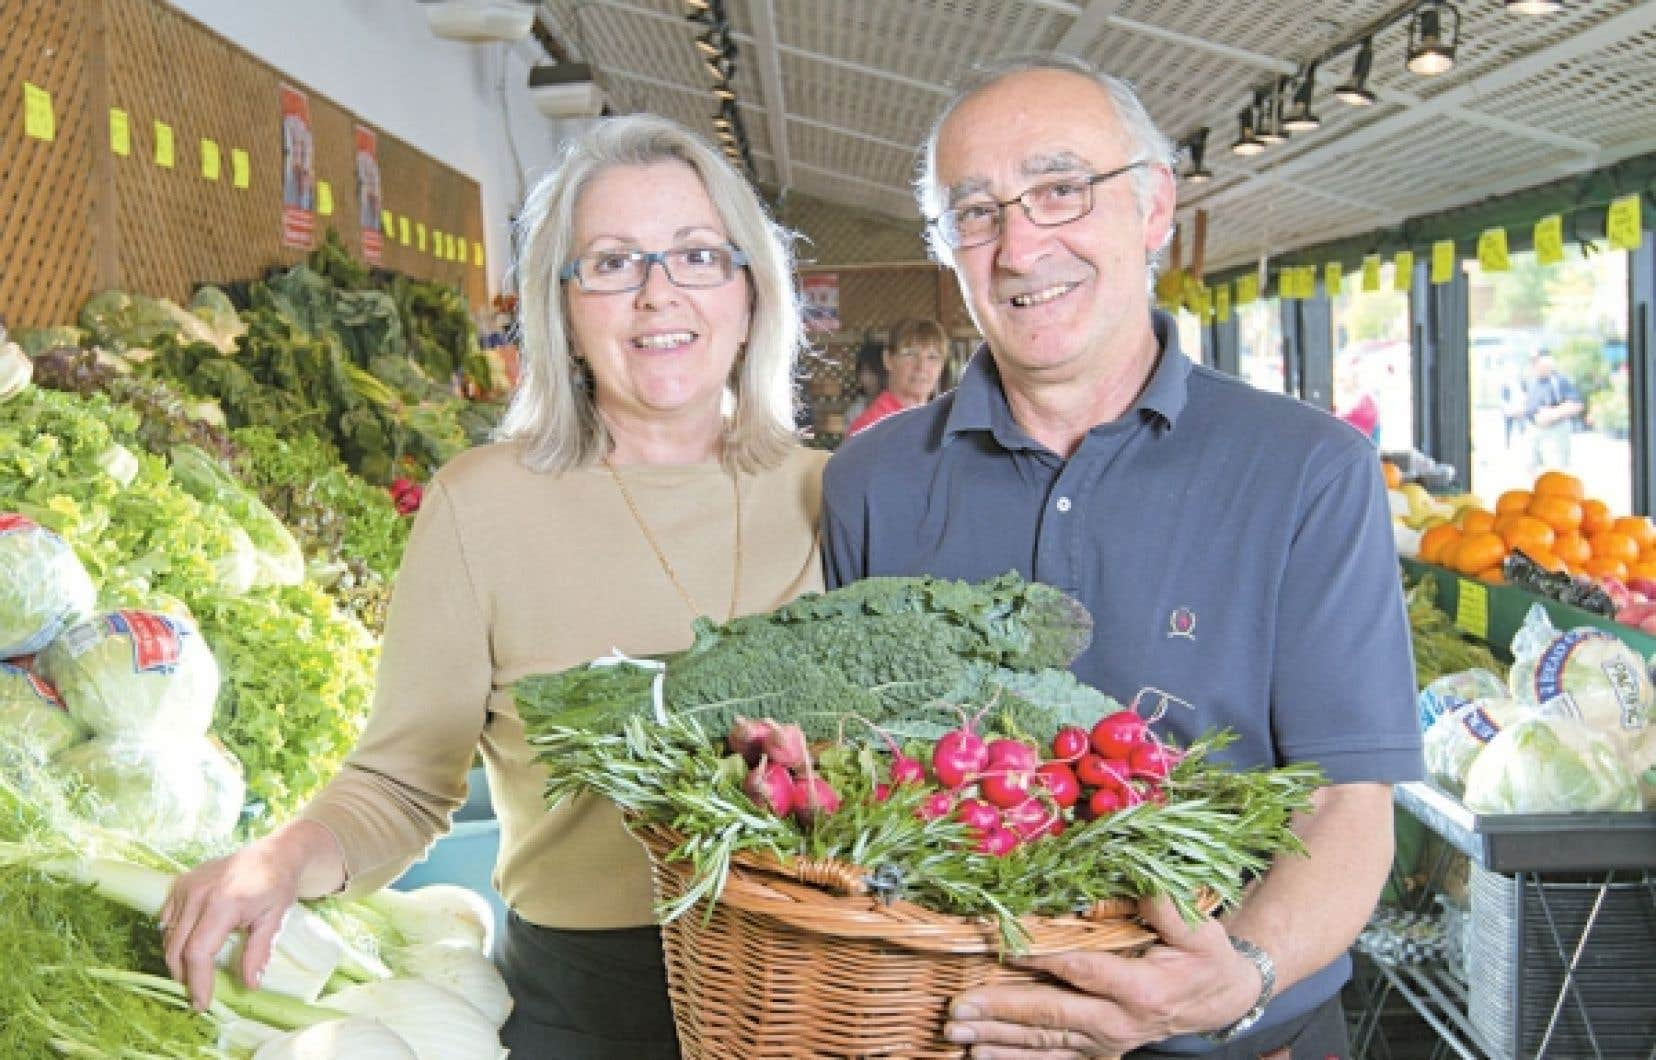 Nino Marcone, ici en compagnie de sa conjointe Line, a permis de faire découvrir et apprécier certains fruits et légumes différents de ce à quoi les Montréalais étaient habitués.